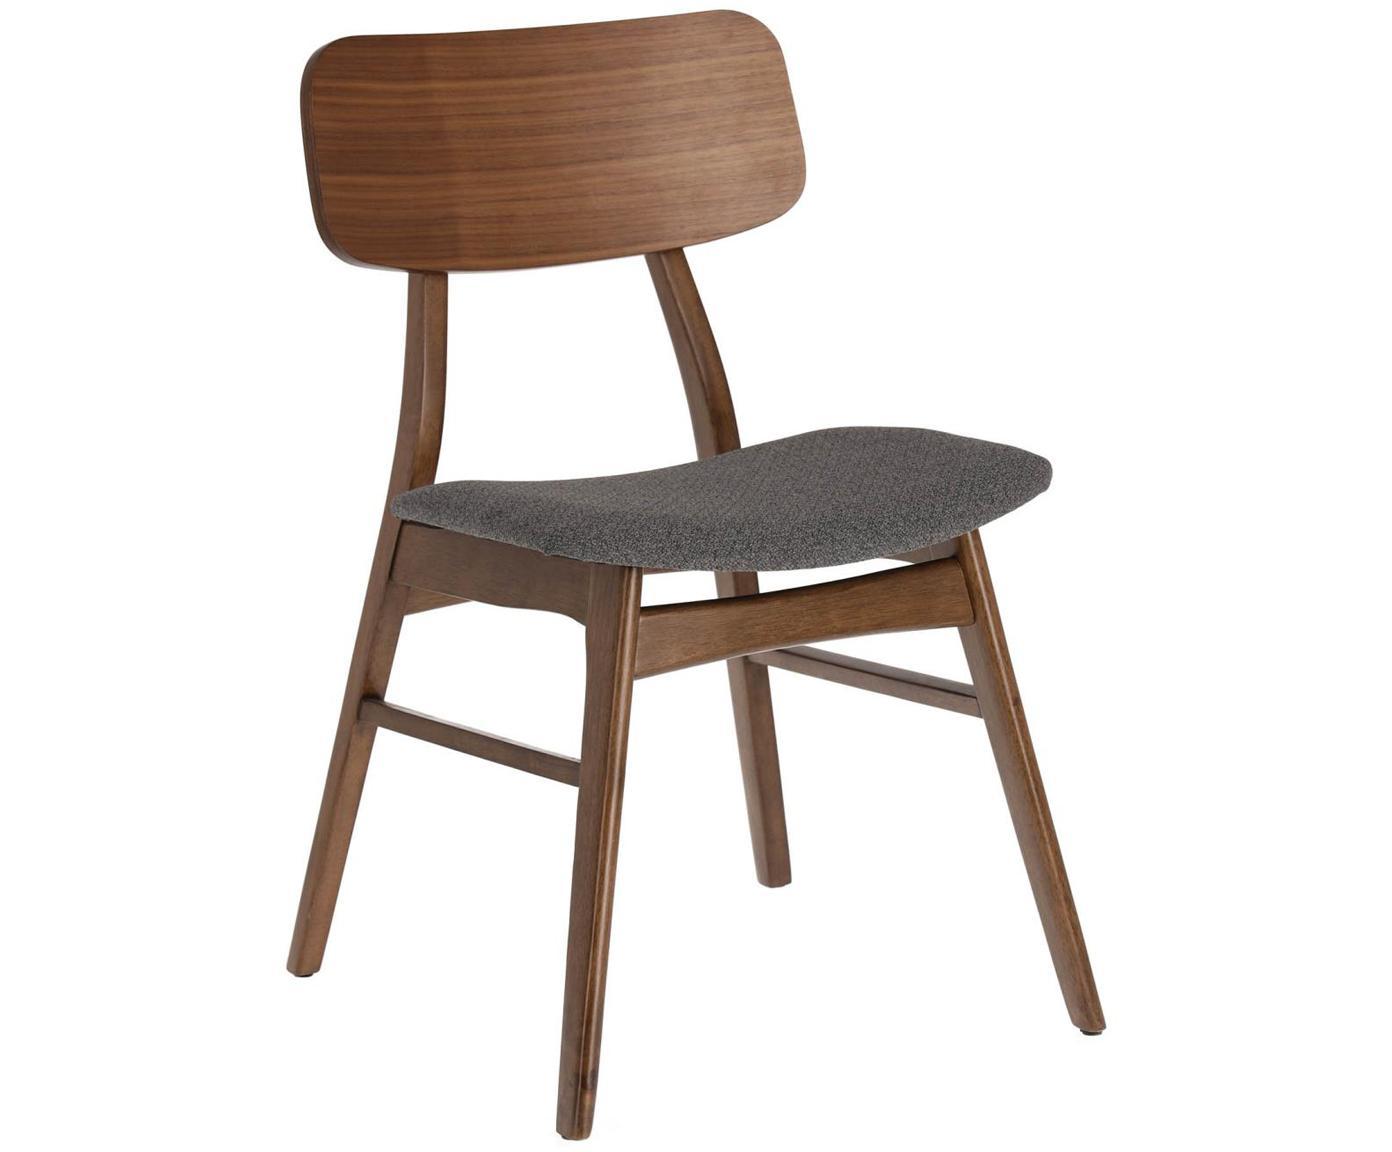 Krzesło z drewna Selia, 2 szt., Stelaż: lite drewno kauczukowe, f, Tapicerka: poliester, Ciemny szary, drewno orzecha włoskiego, S 48 x G 53 cm